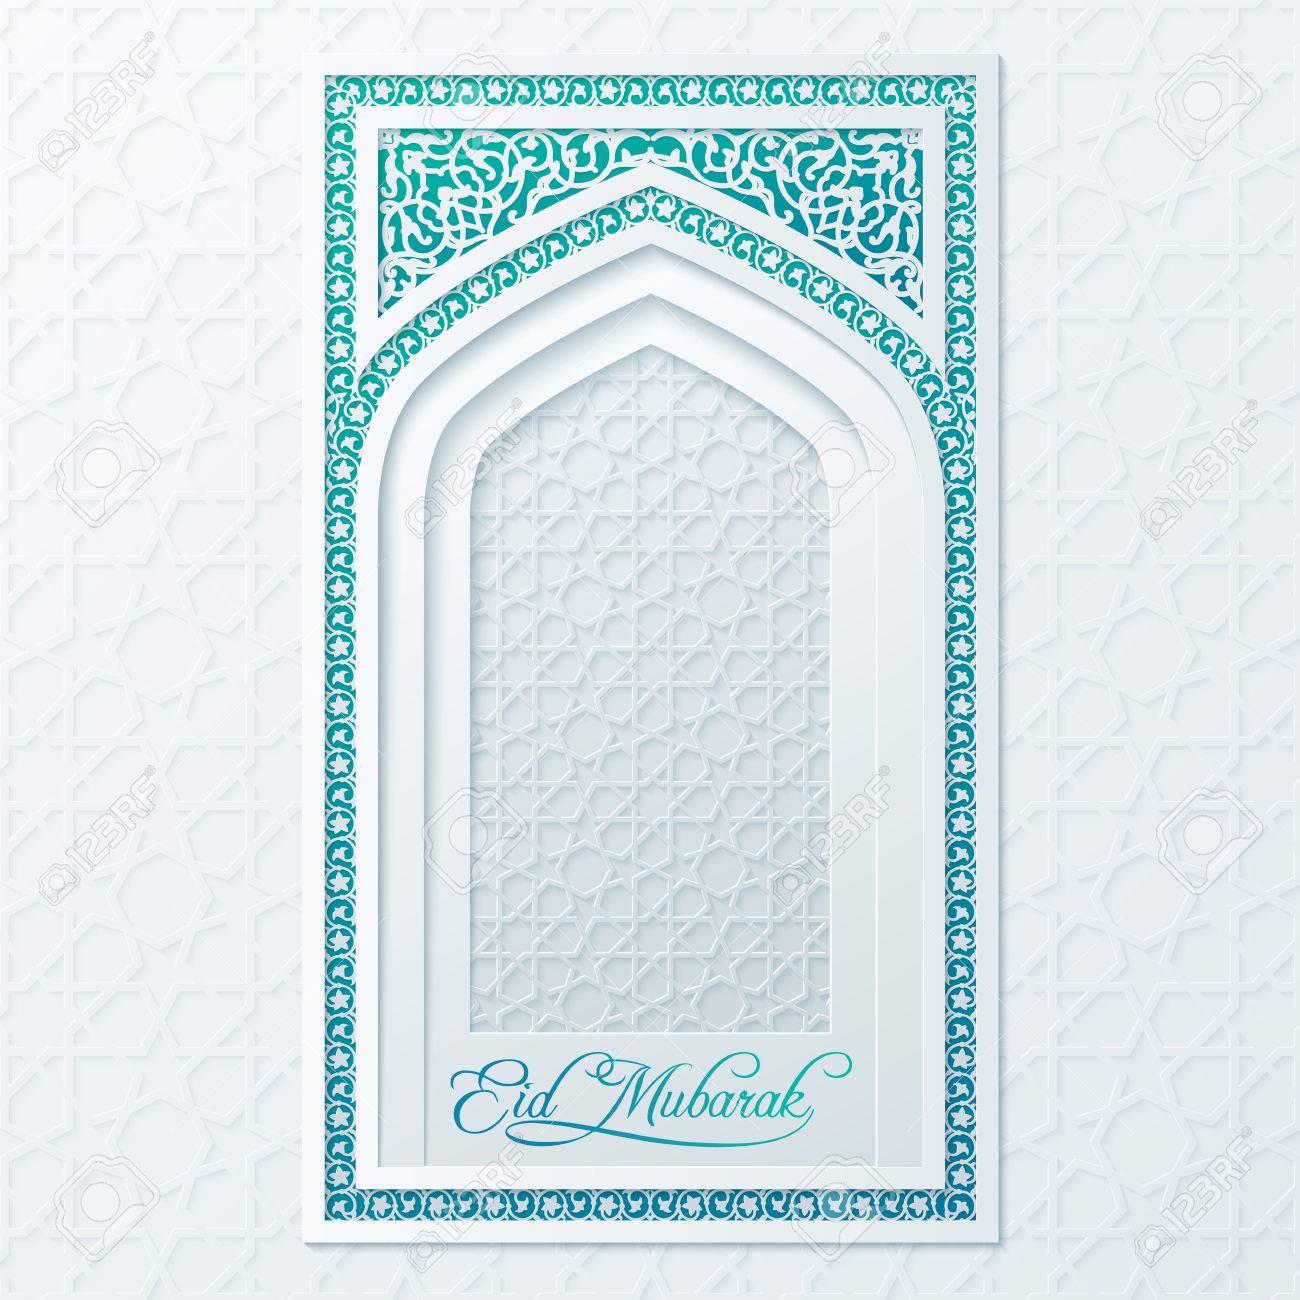 eid mubarak arabic geometrical pattern on window or door mosque - 56890740